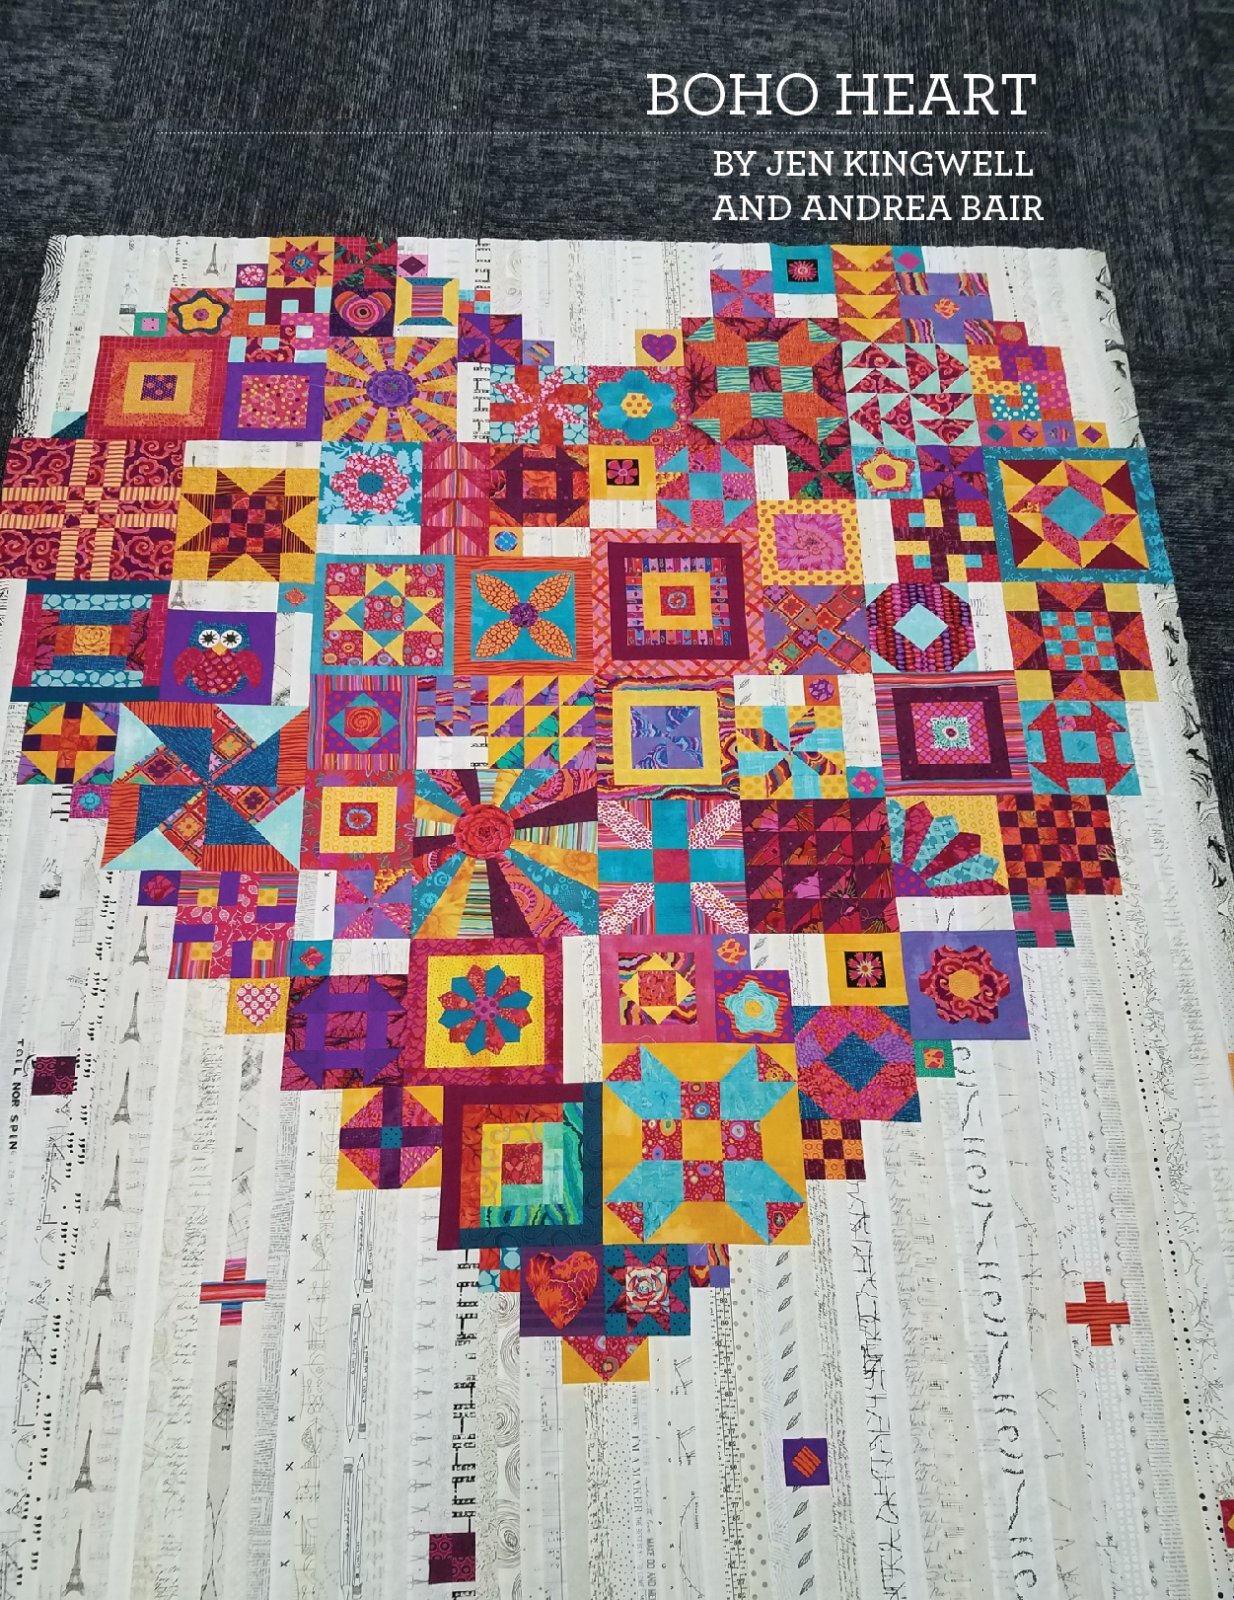 Boho Heart - Pattern Booklet by Jen Kingwell & Andrea Bair